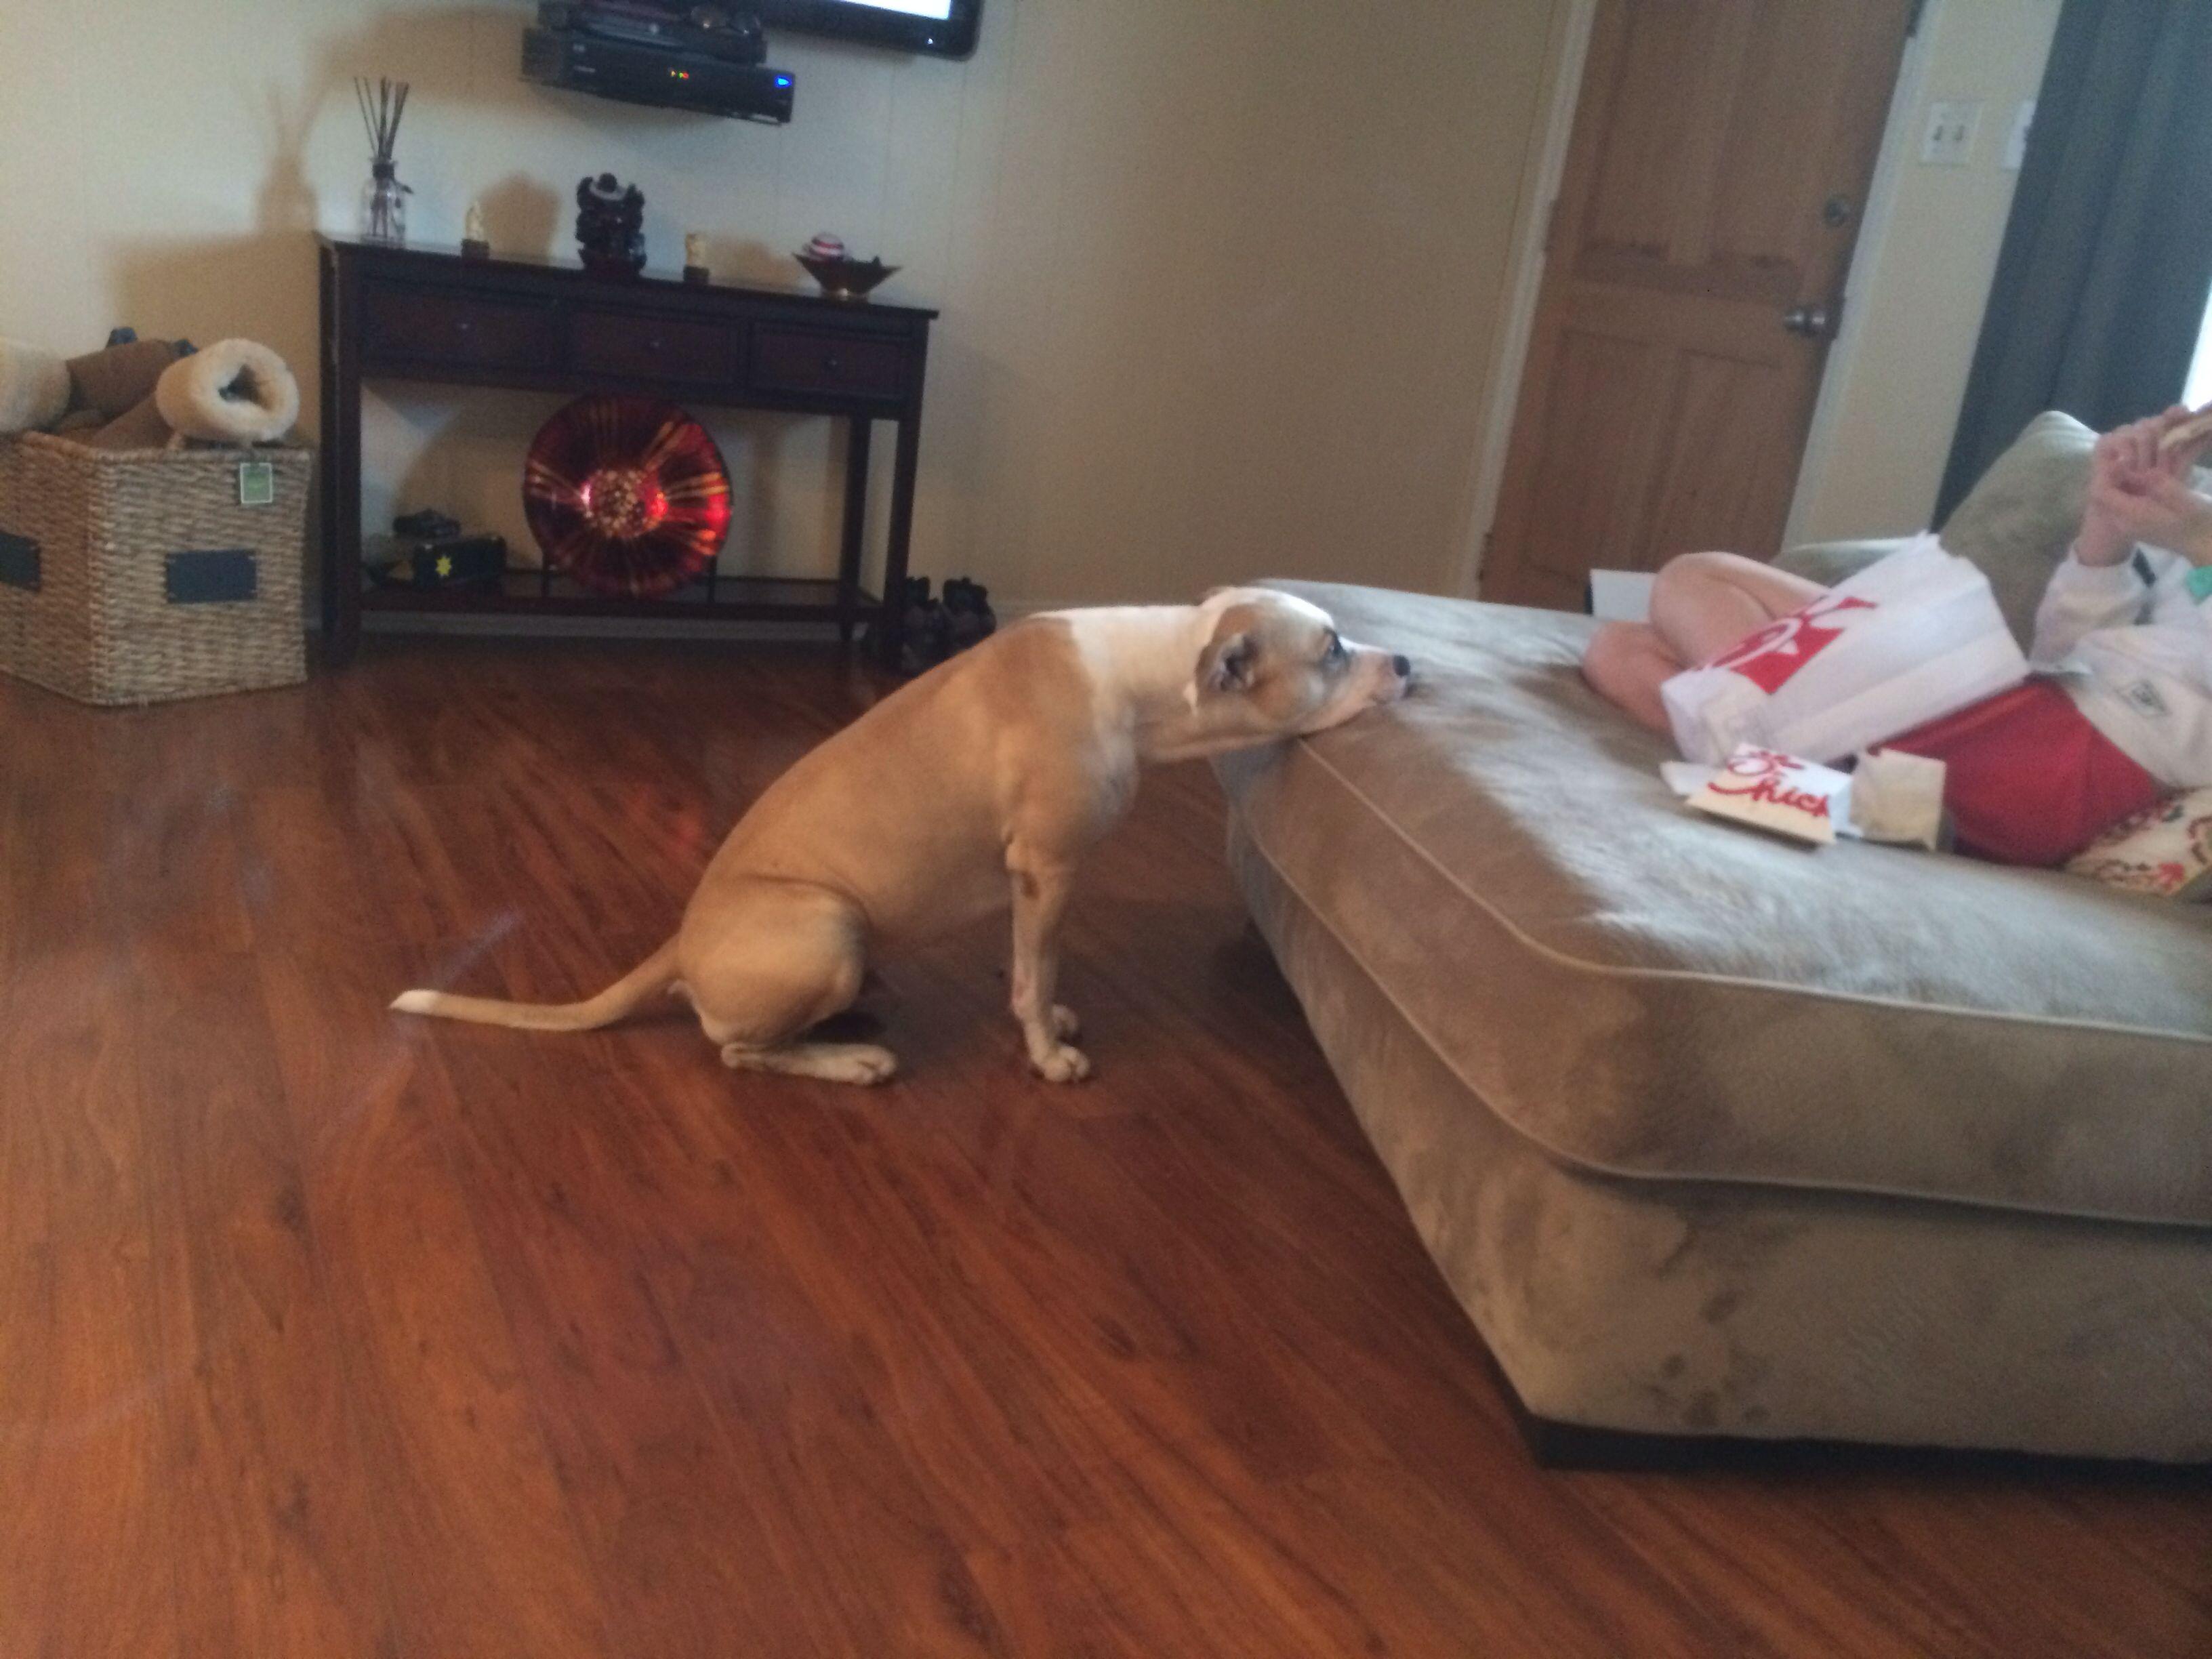 My pitiful dog